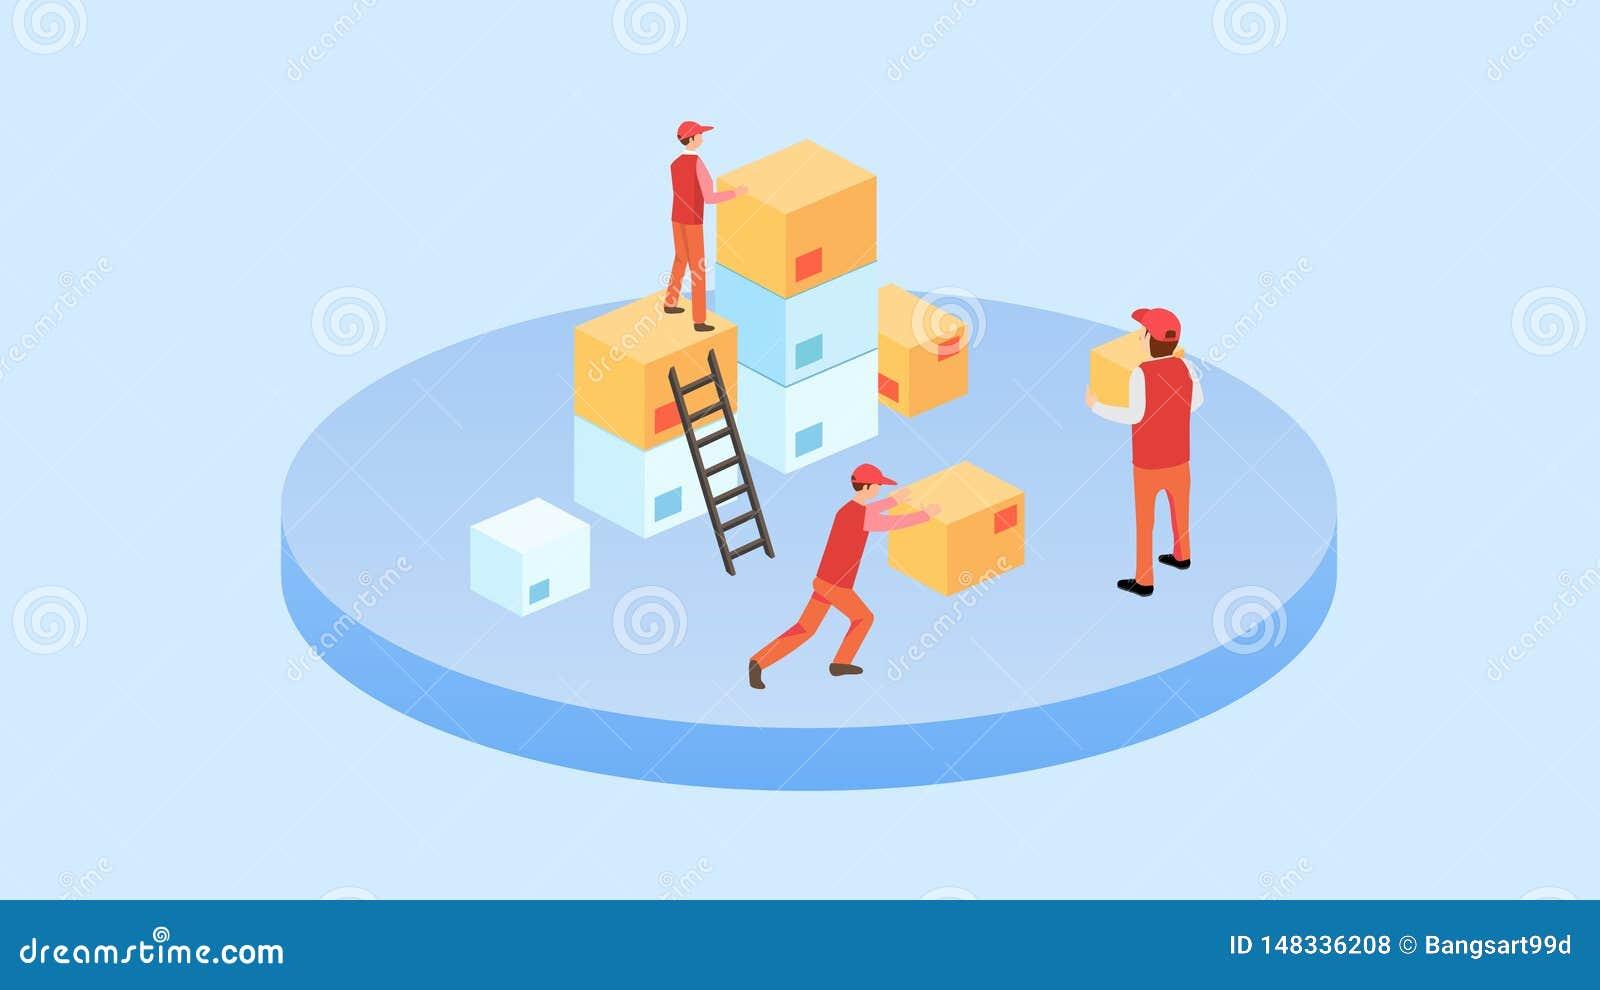 Ilustração de empacotamento do vetor do grupo de imagens da caixa da caixa isométrica